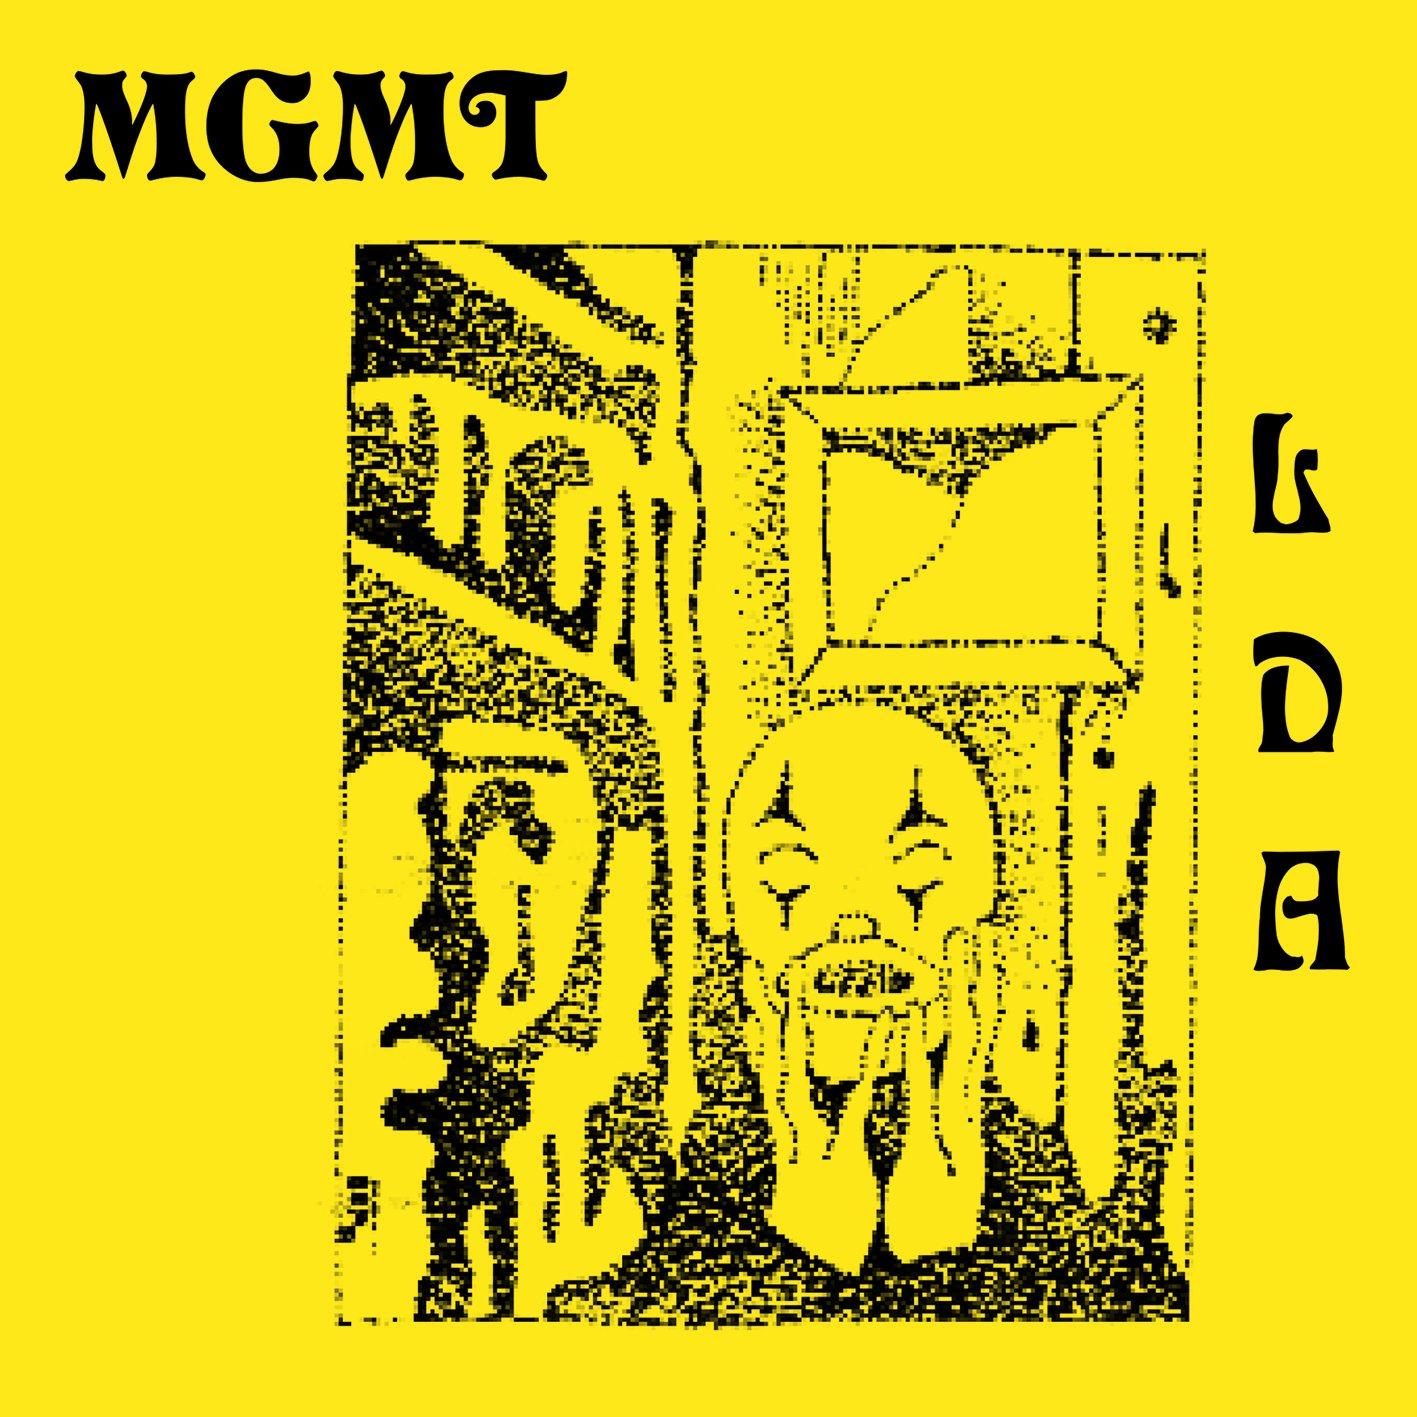 MGMT - Congratulations (2010) - Página 3 81lL3BIOUcL._SL1417_